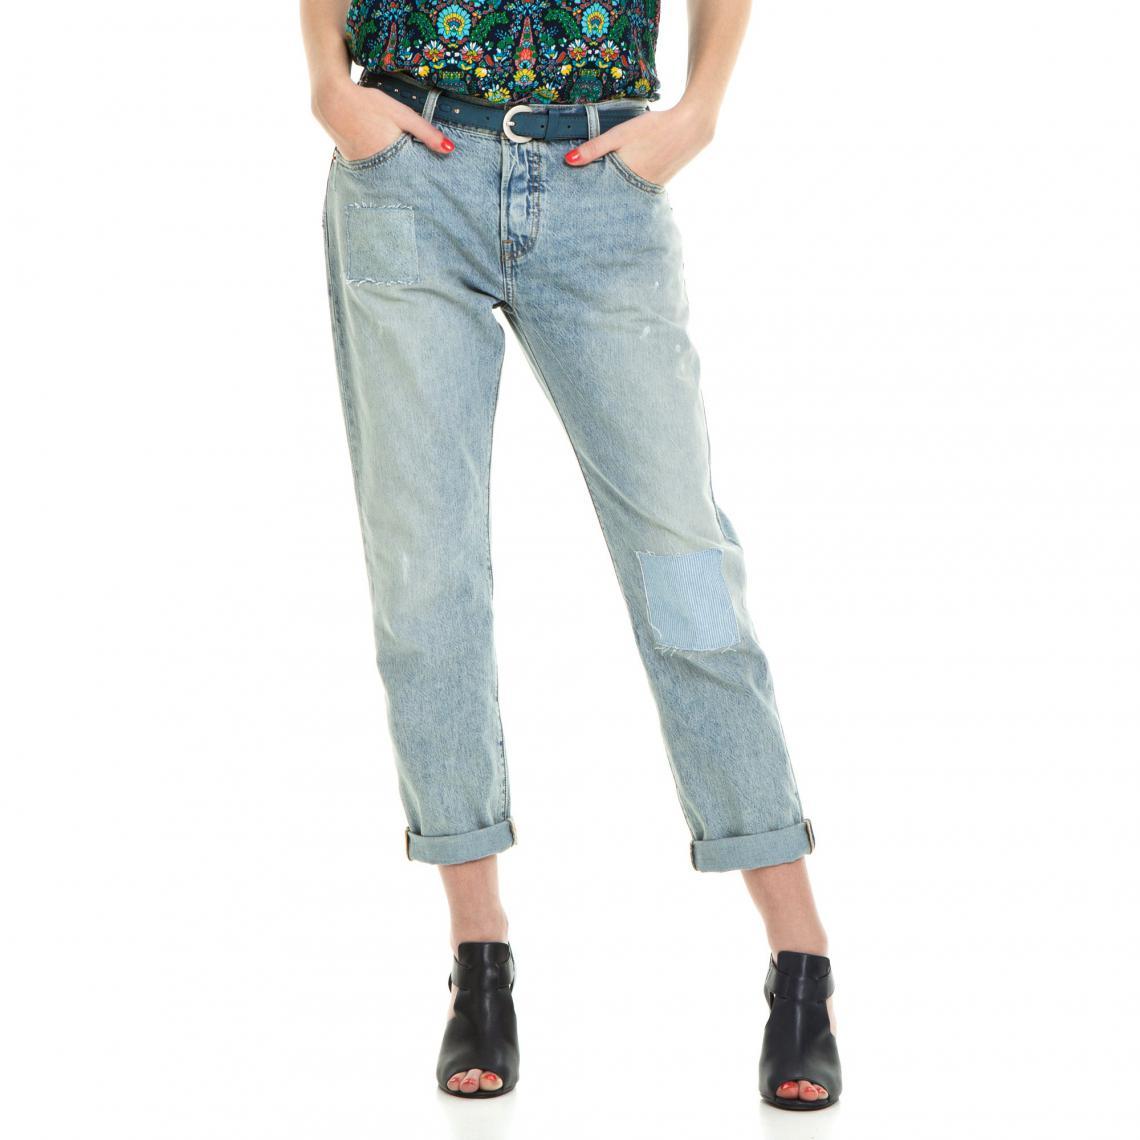 Femme Suisses Jeans Levi's 3 3 1KcFlJ